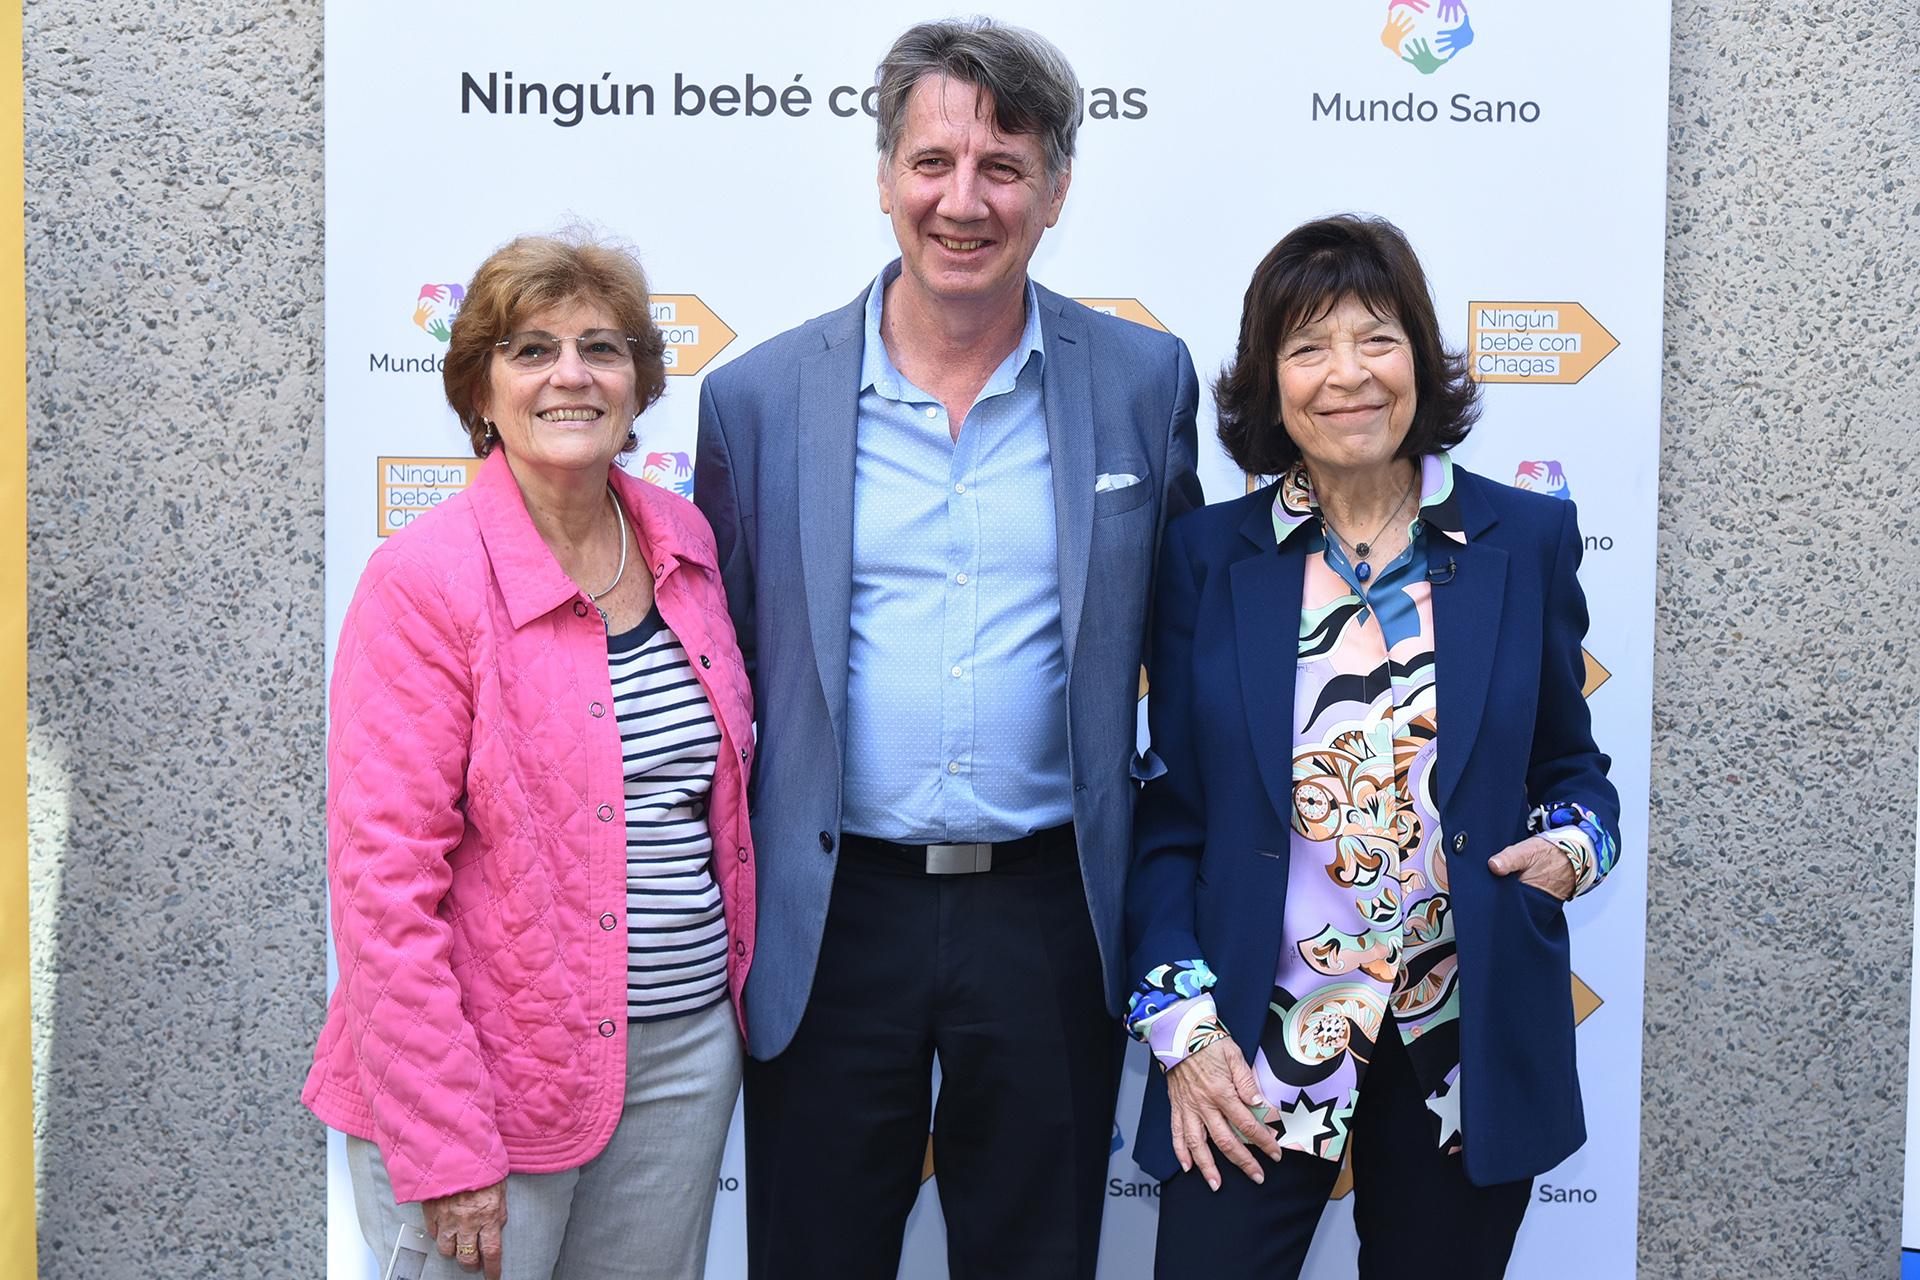 Mirta Roses de la Organización Panamericana de la Salud, Mario Kaler de la Secretaría de Gobierno de Salud y Silvia Gold, presidente de Mundo Sano